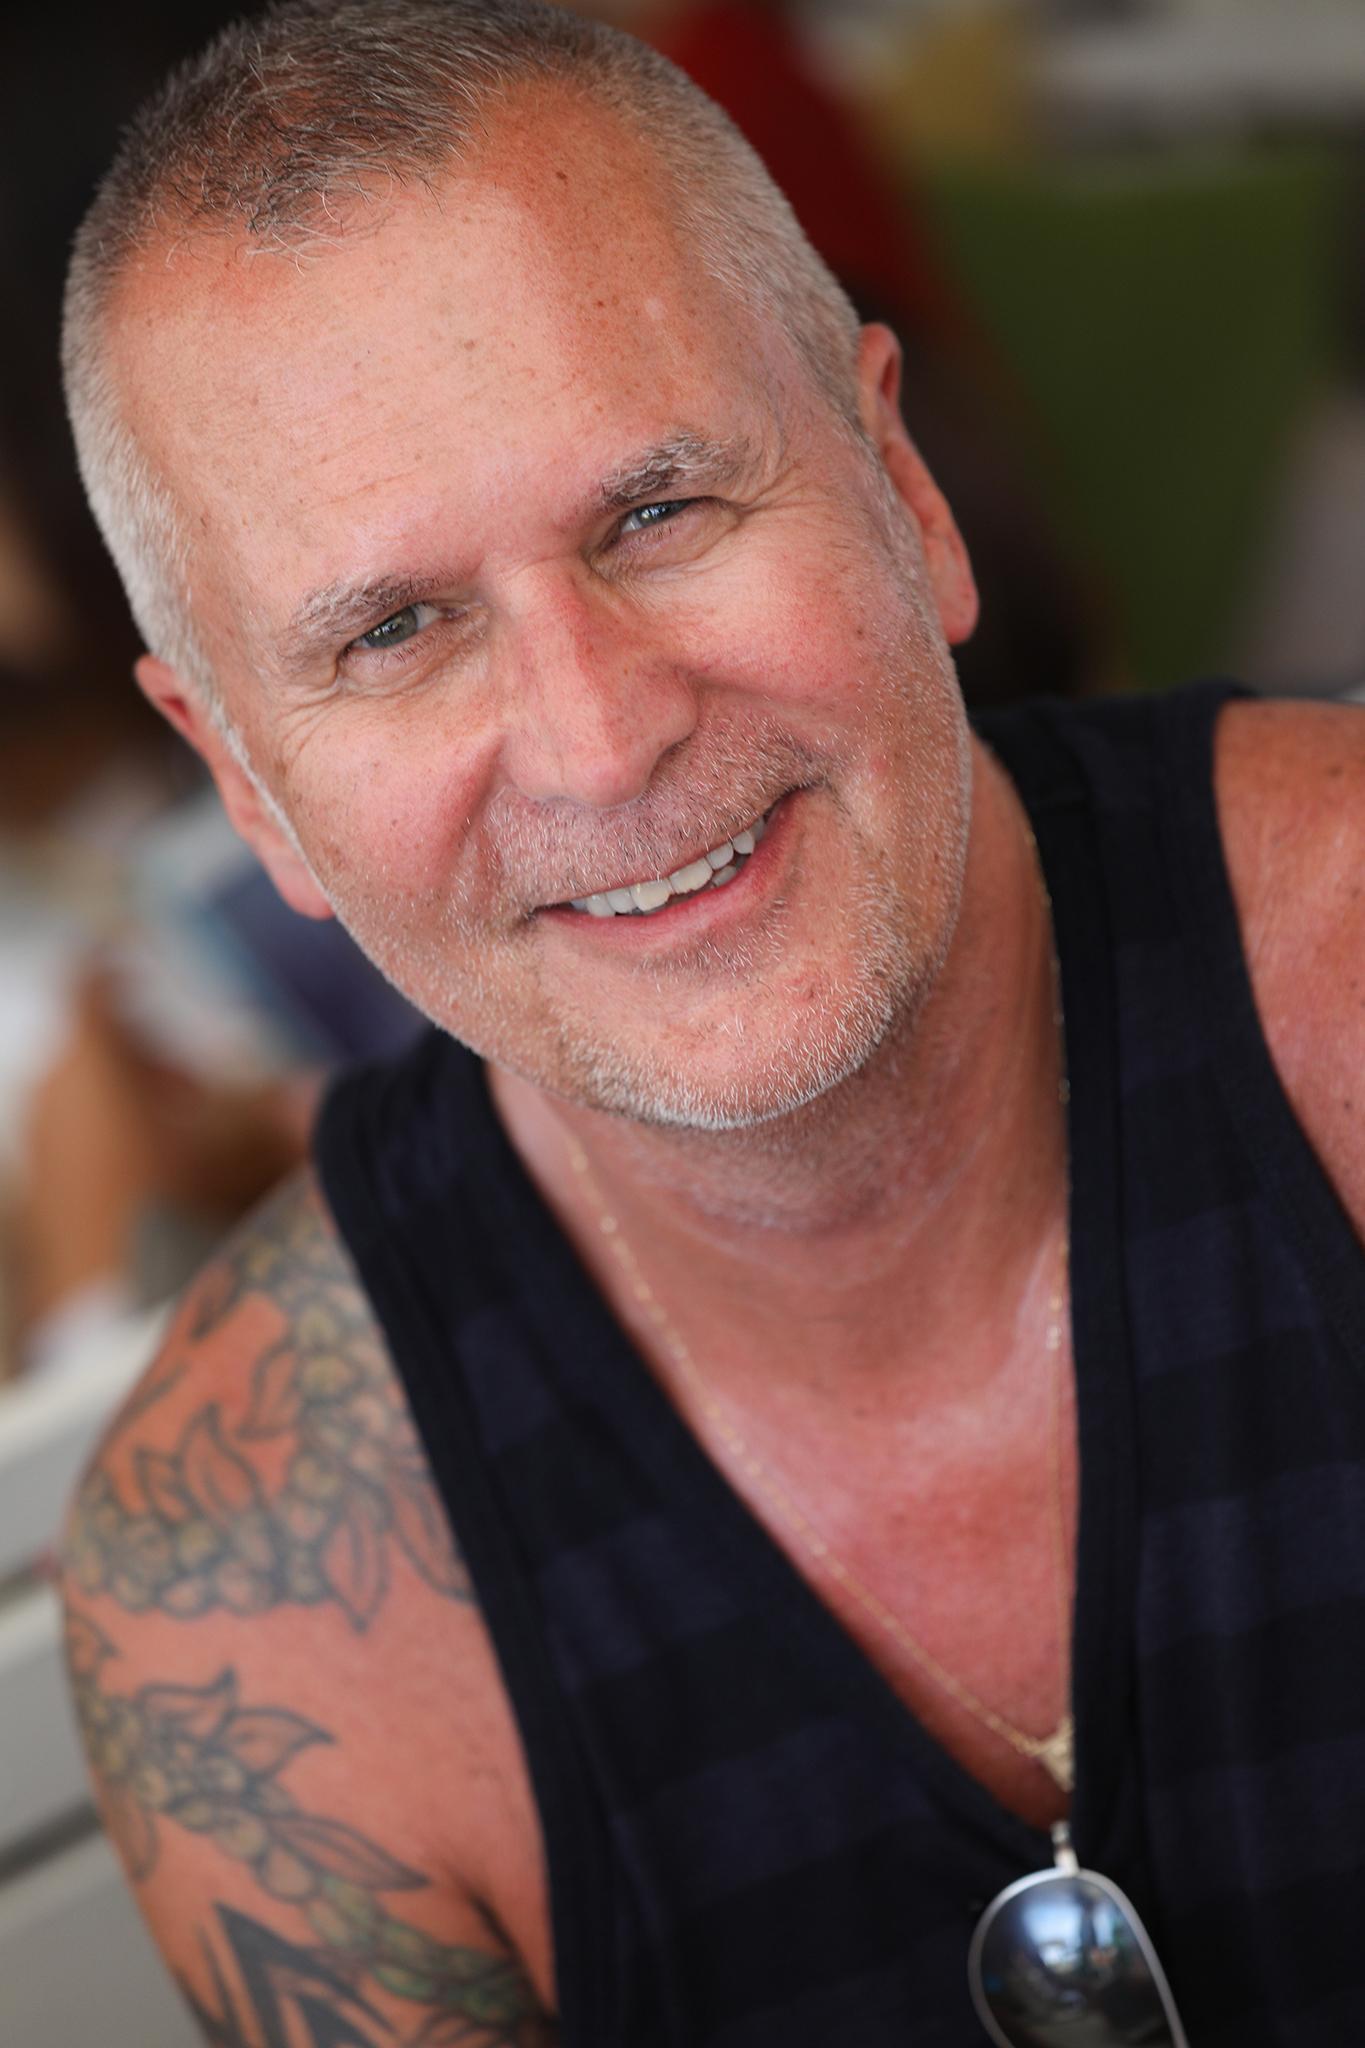 Don Witkowski